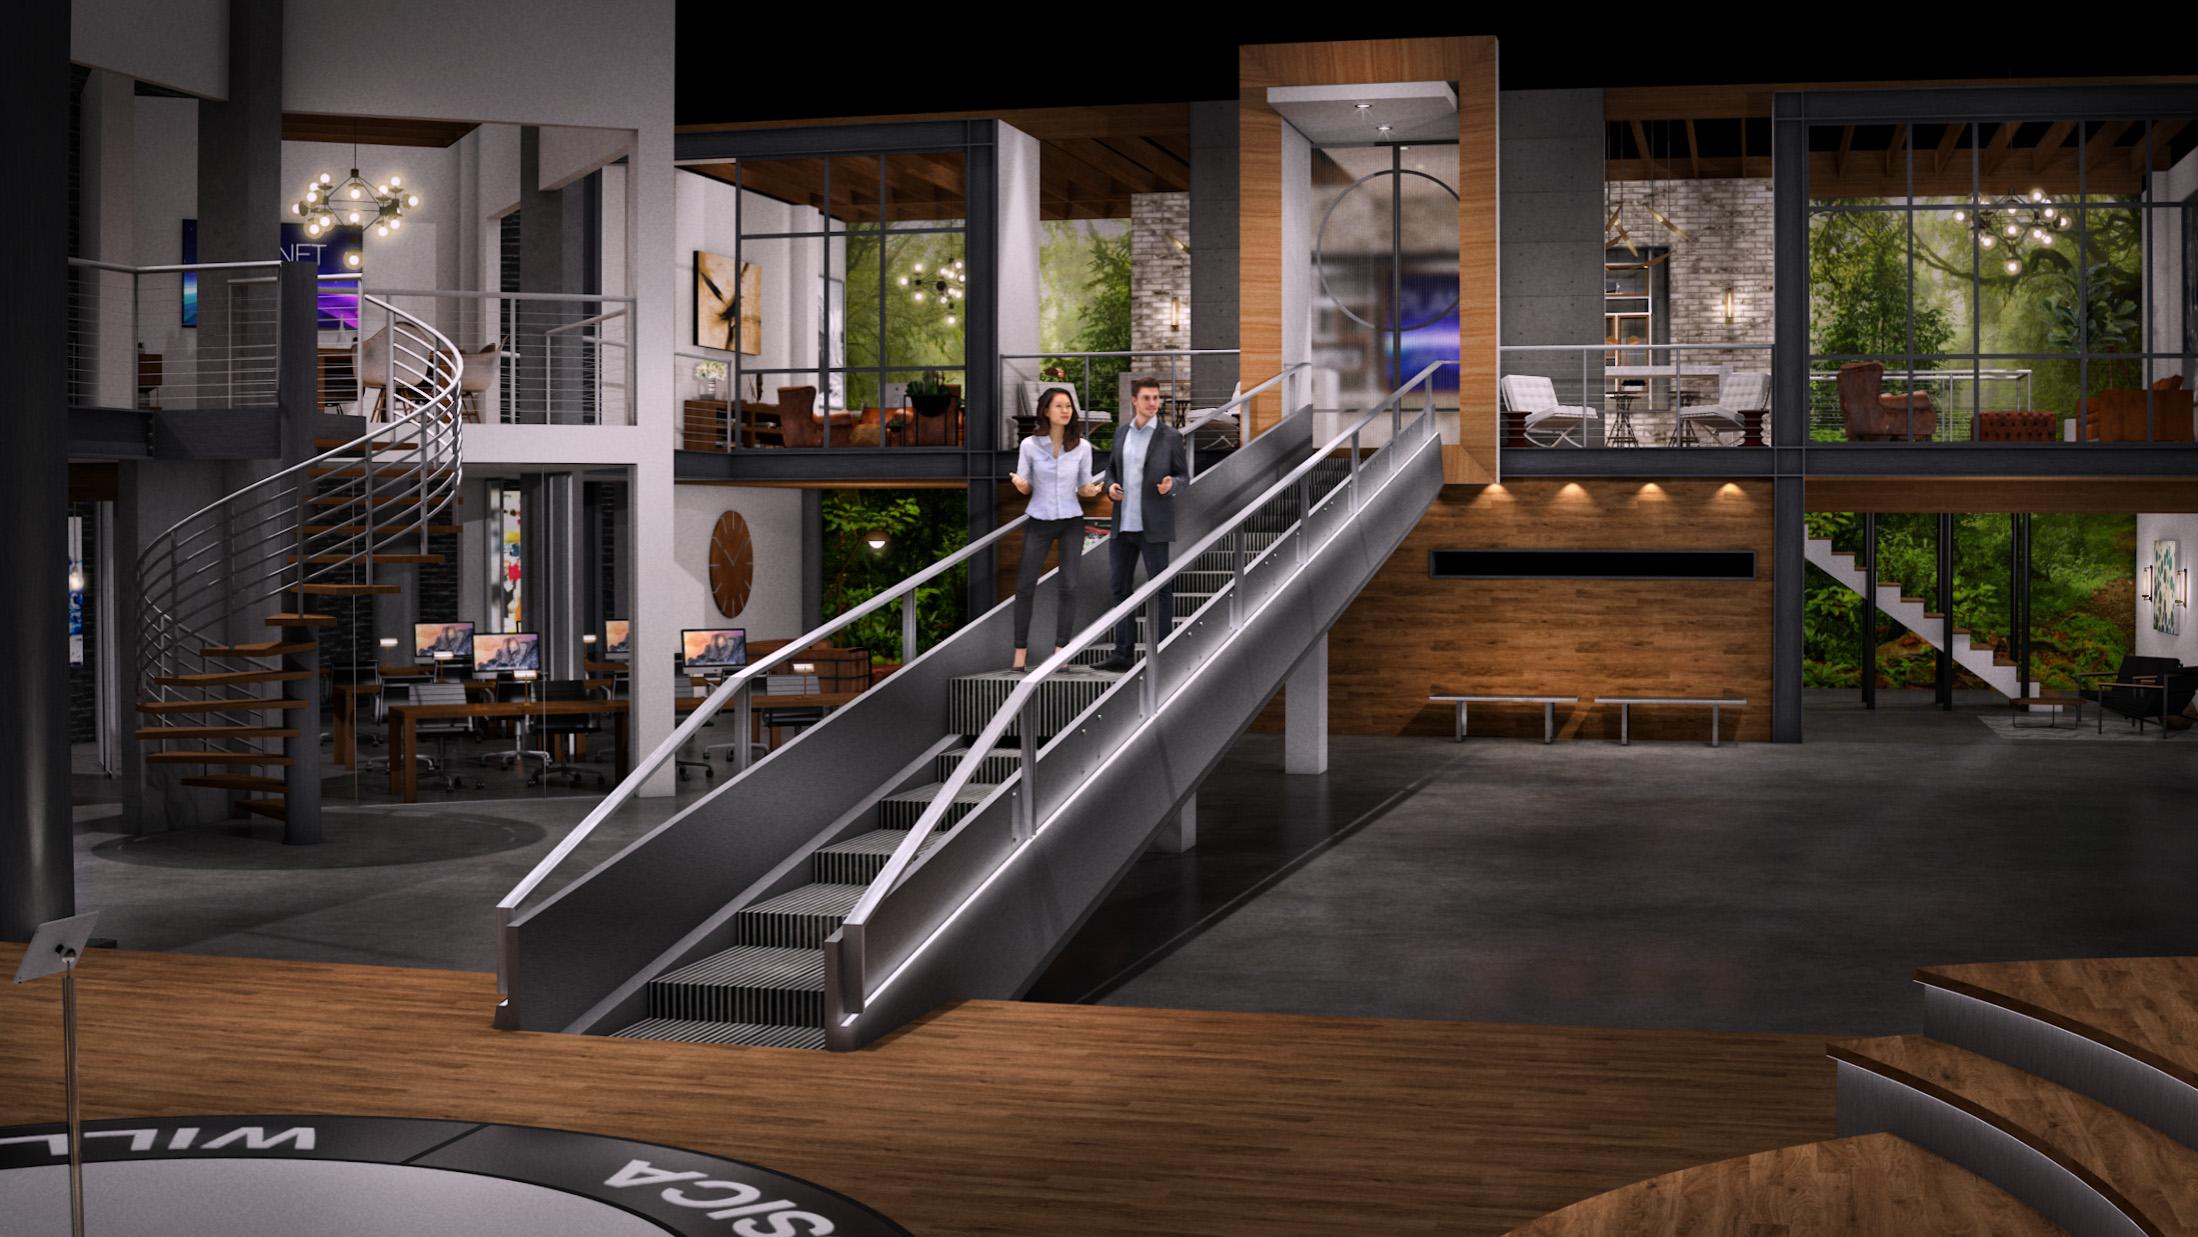 POTA-RenderC-Escalator.jpg